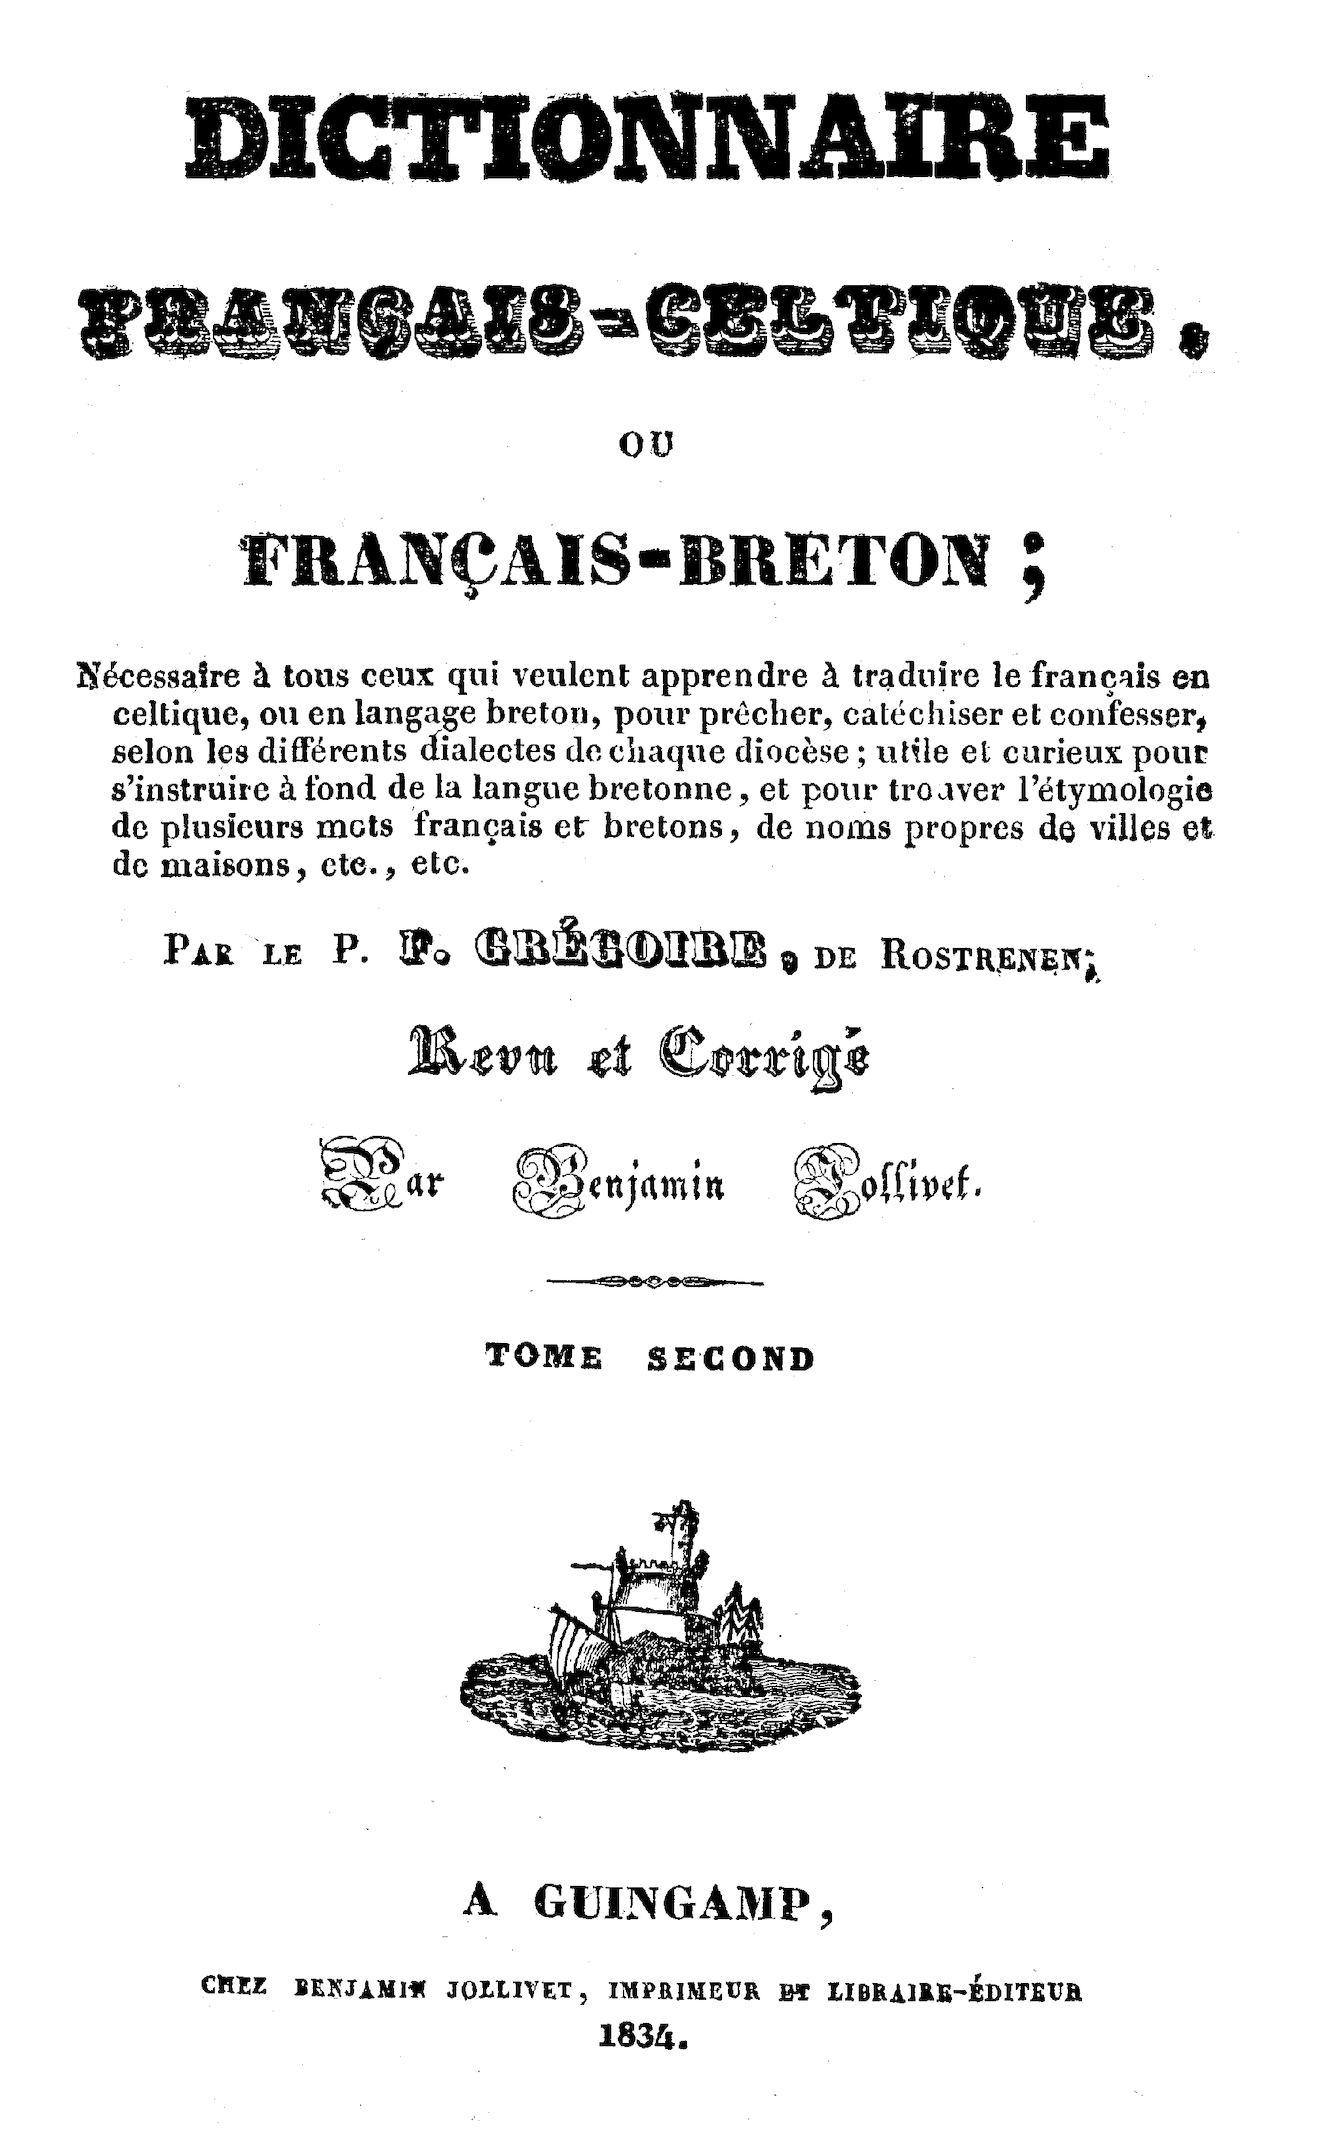 35d61f7fb00f Calaméo - Dictionnaire Français-Celtique ou Français-Breton… par le P.F.  Grégoire de Rostrenen… Tome second. - 1834. - 482 p.  Doare gwenn ha du